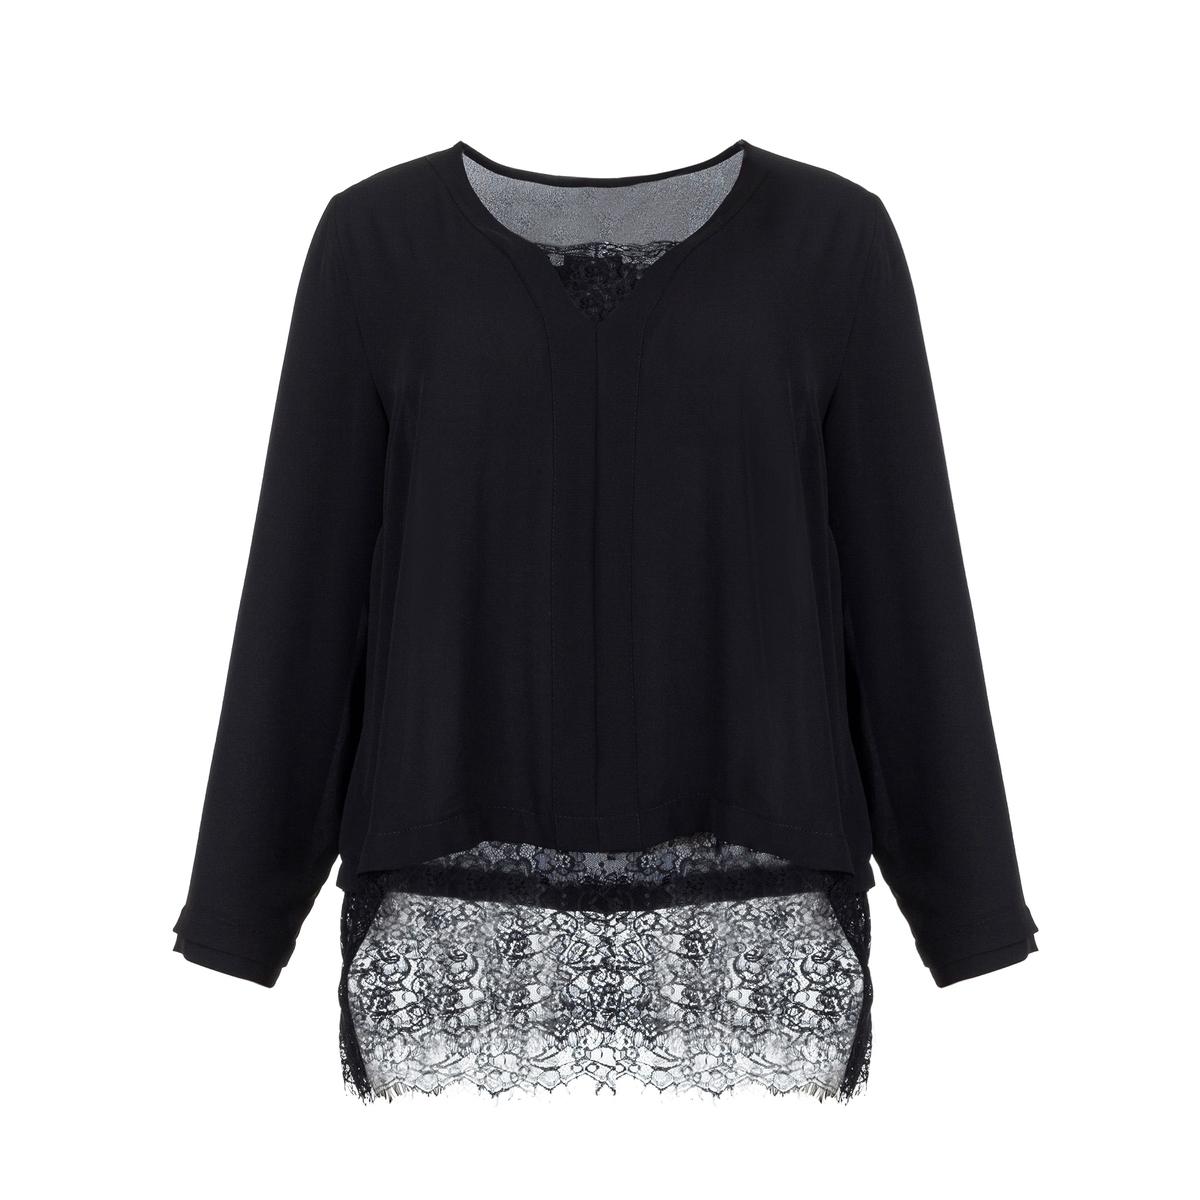 БлузкаДлинная блузка с женственным украшением из кружева снизу . Длинные рукава.  V-образный вырез с кружевом<br><br>Цвет: черный<br>Размер: 44/46 (FR) - 50/52 (RUS)